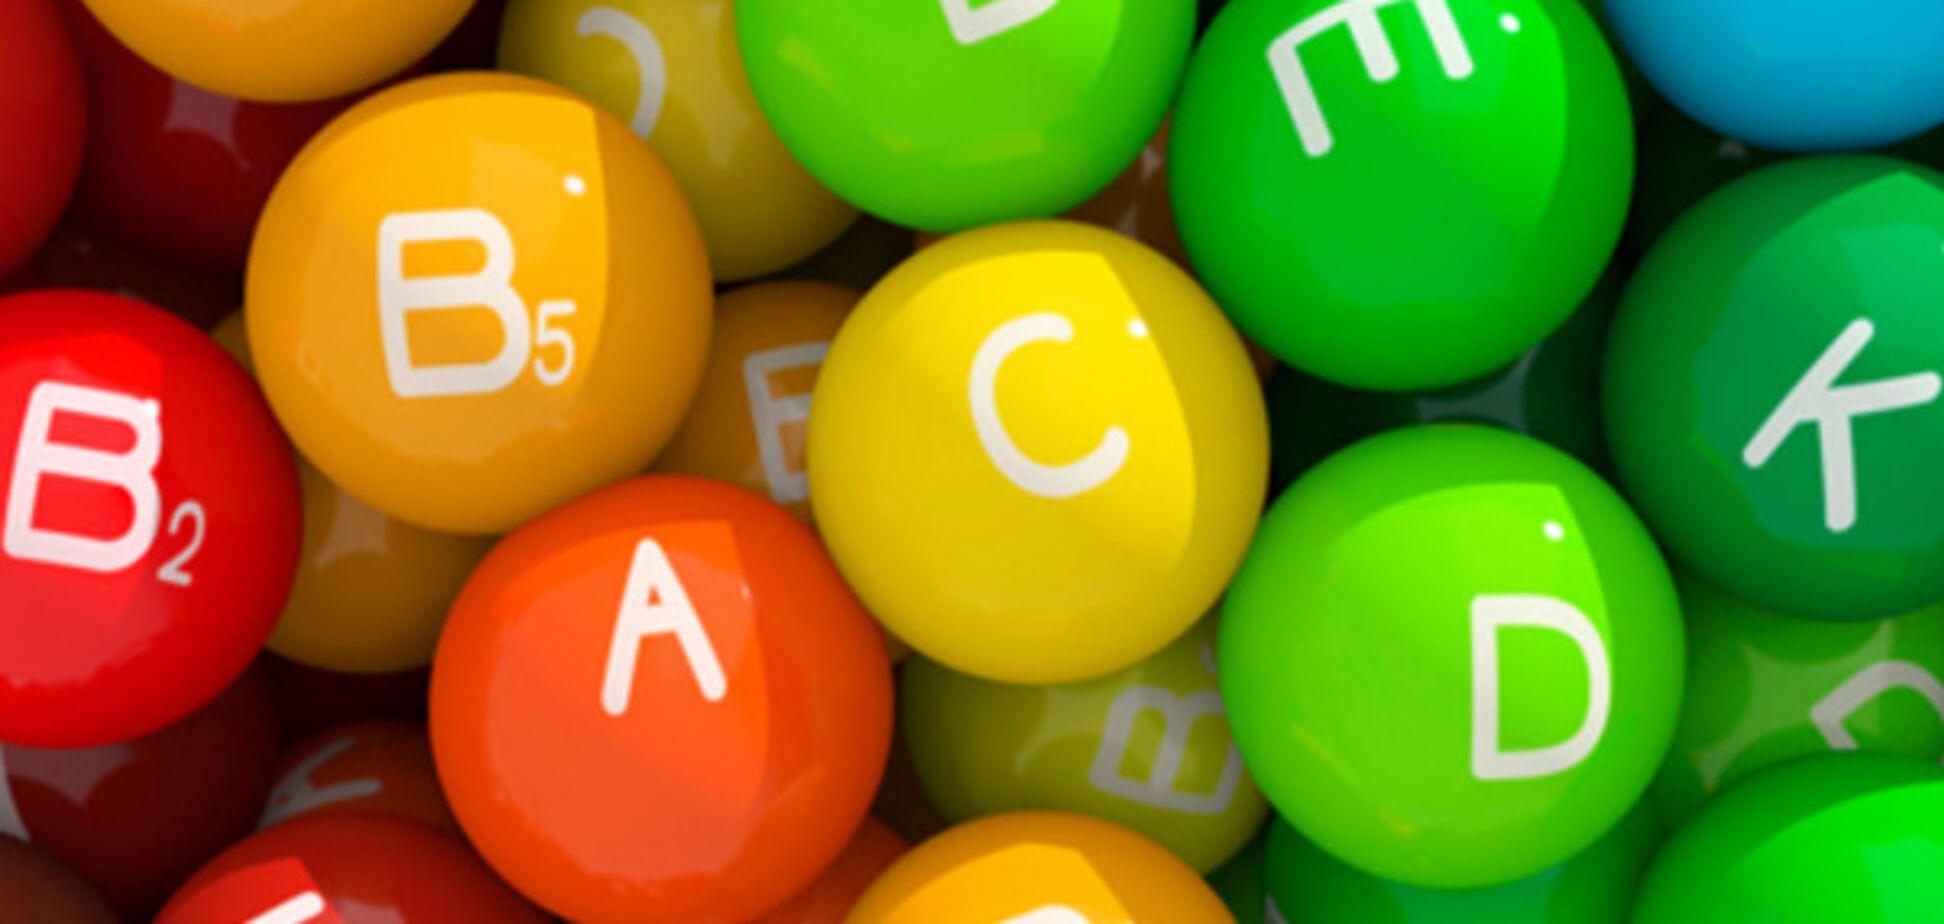 Витамины: какие принимать, а каких избегать